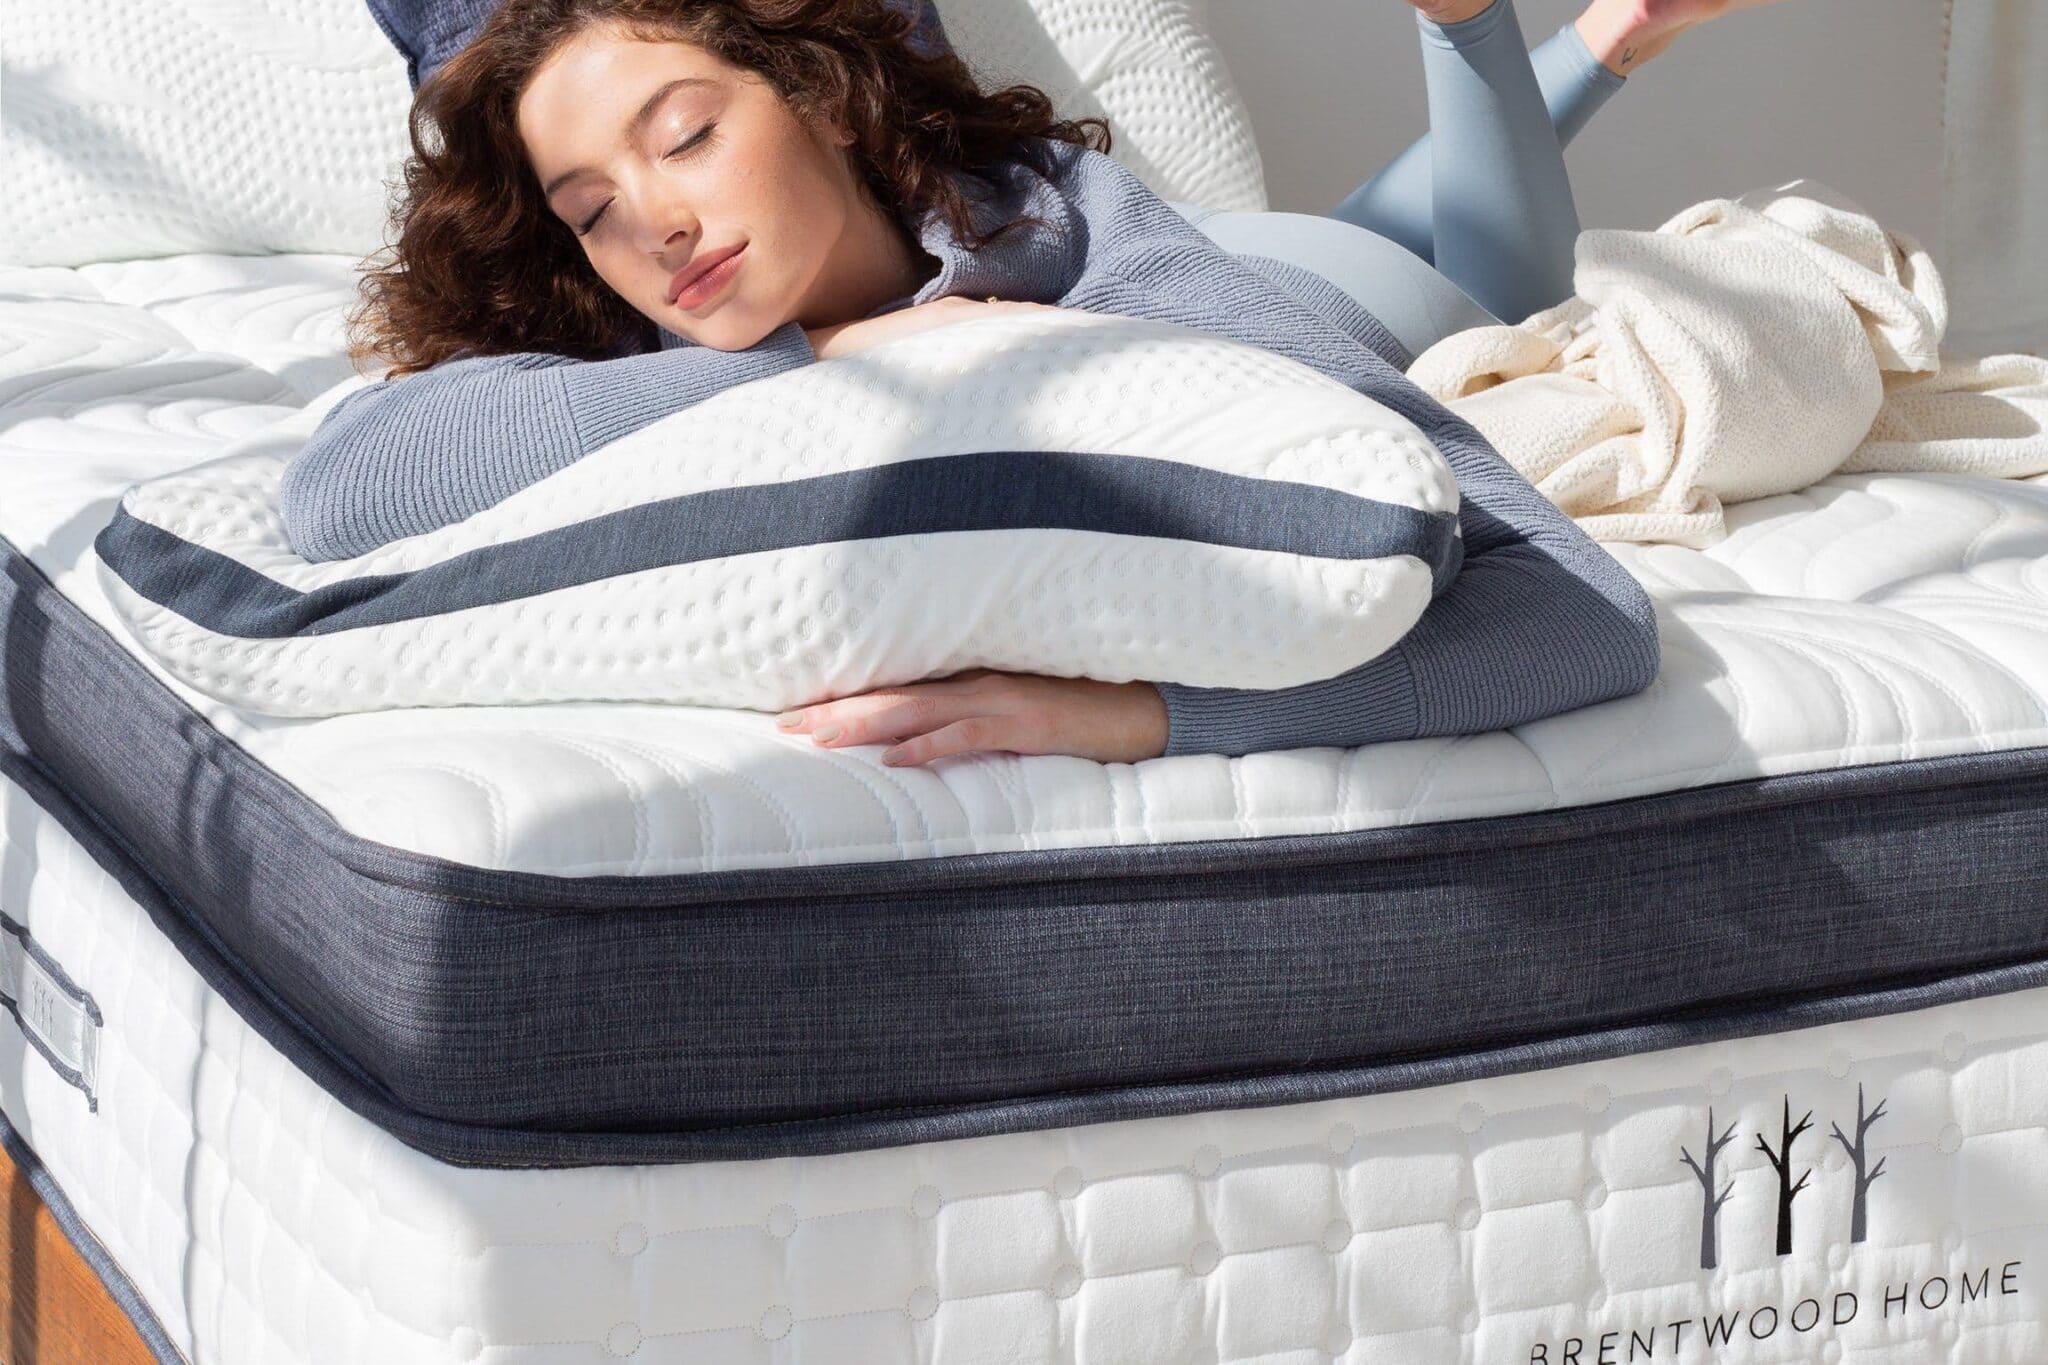 oceano mattress corner view in room